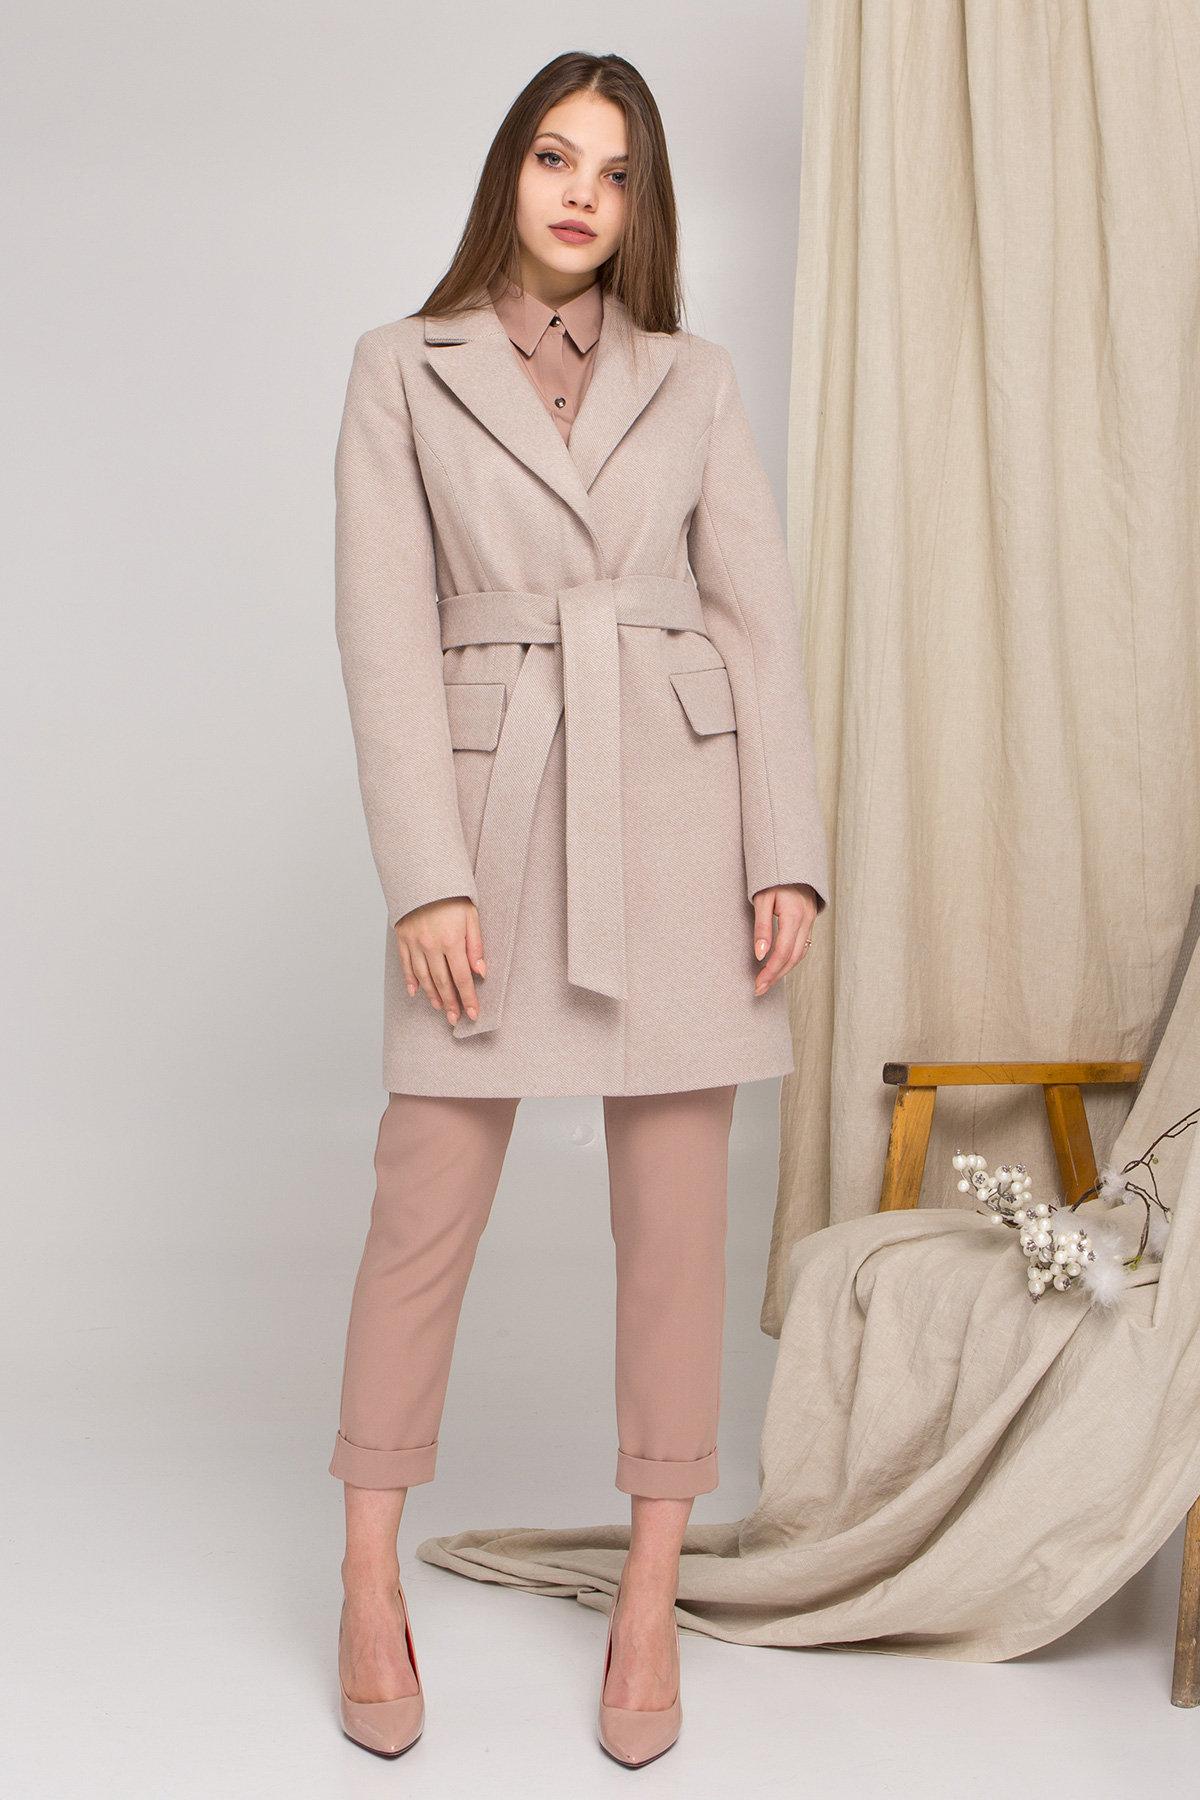 Пальто женское демисезонное купить в интернете Пальто Корси 8943